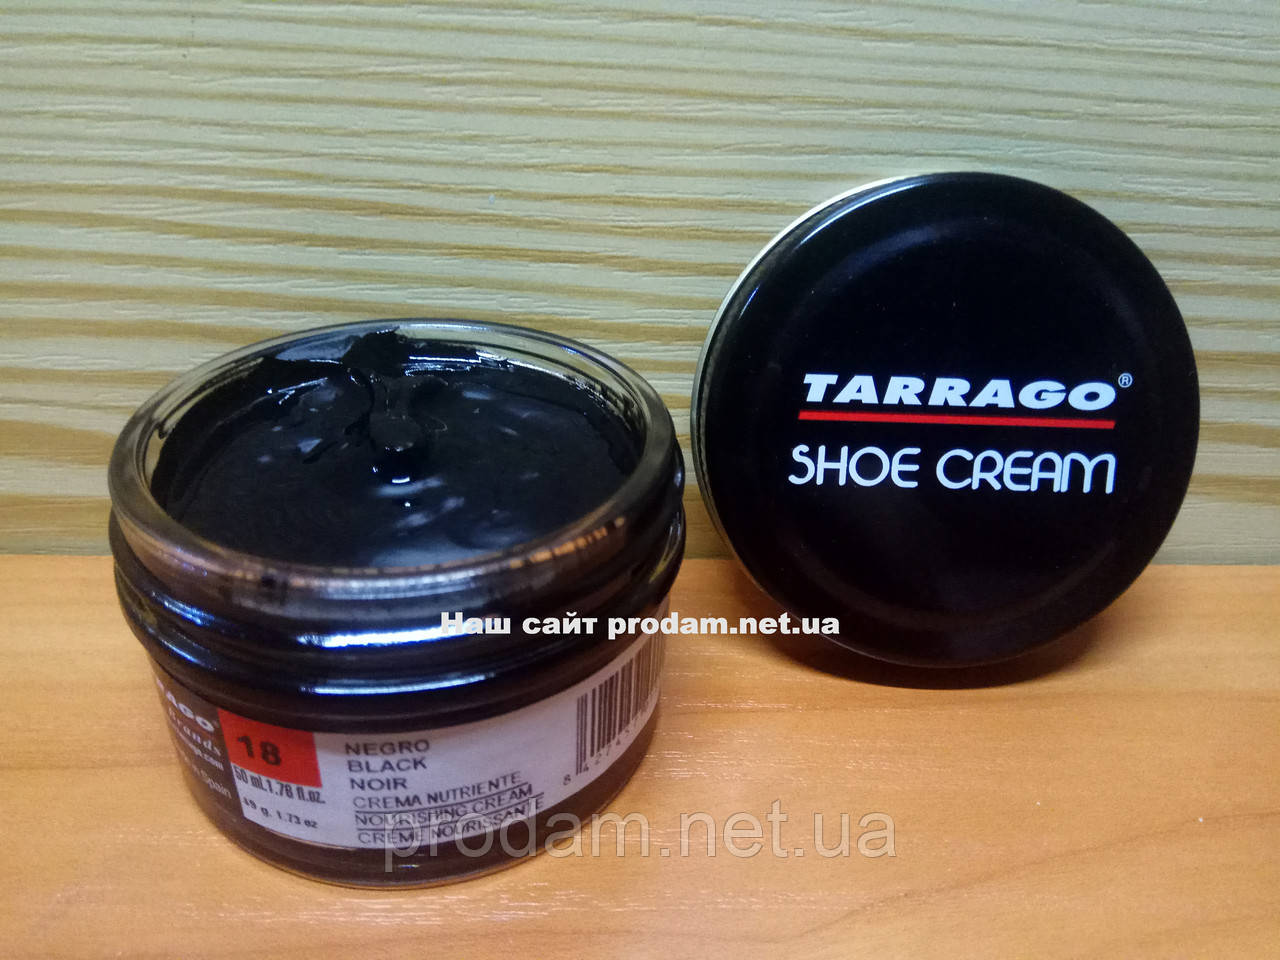 Крем для обуви Tarrago №018 черный